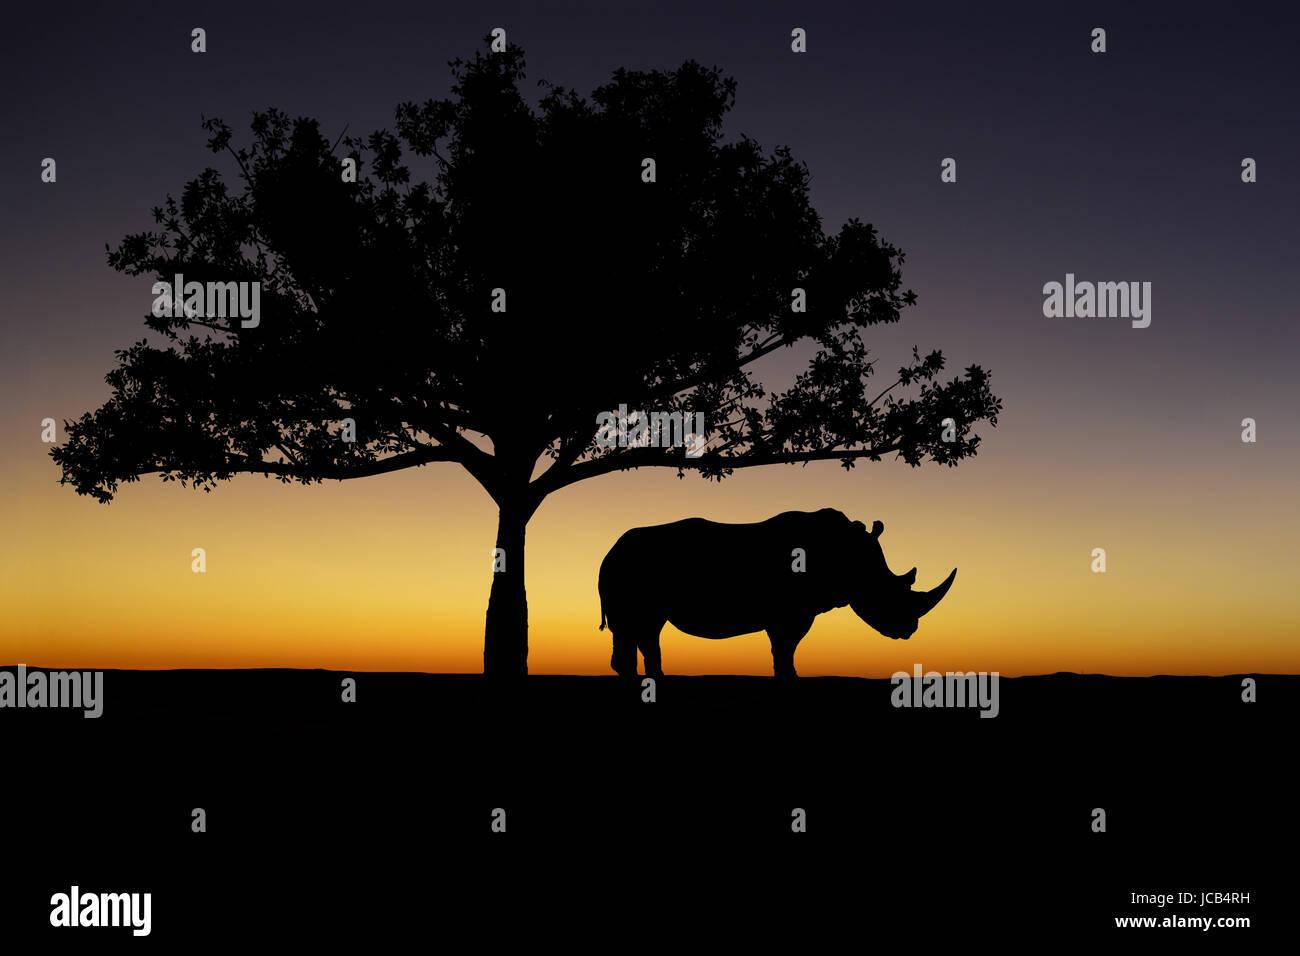 Ein White Rhino steht unter einem Baum Silhouette bei Sonnenuntergang Stockbild